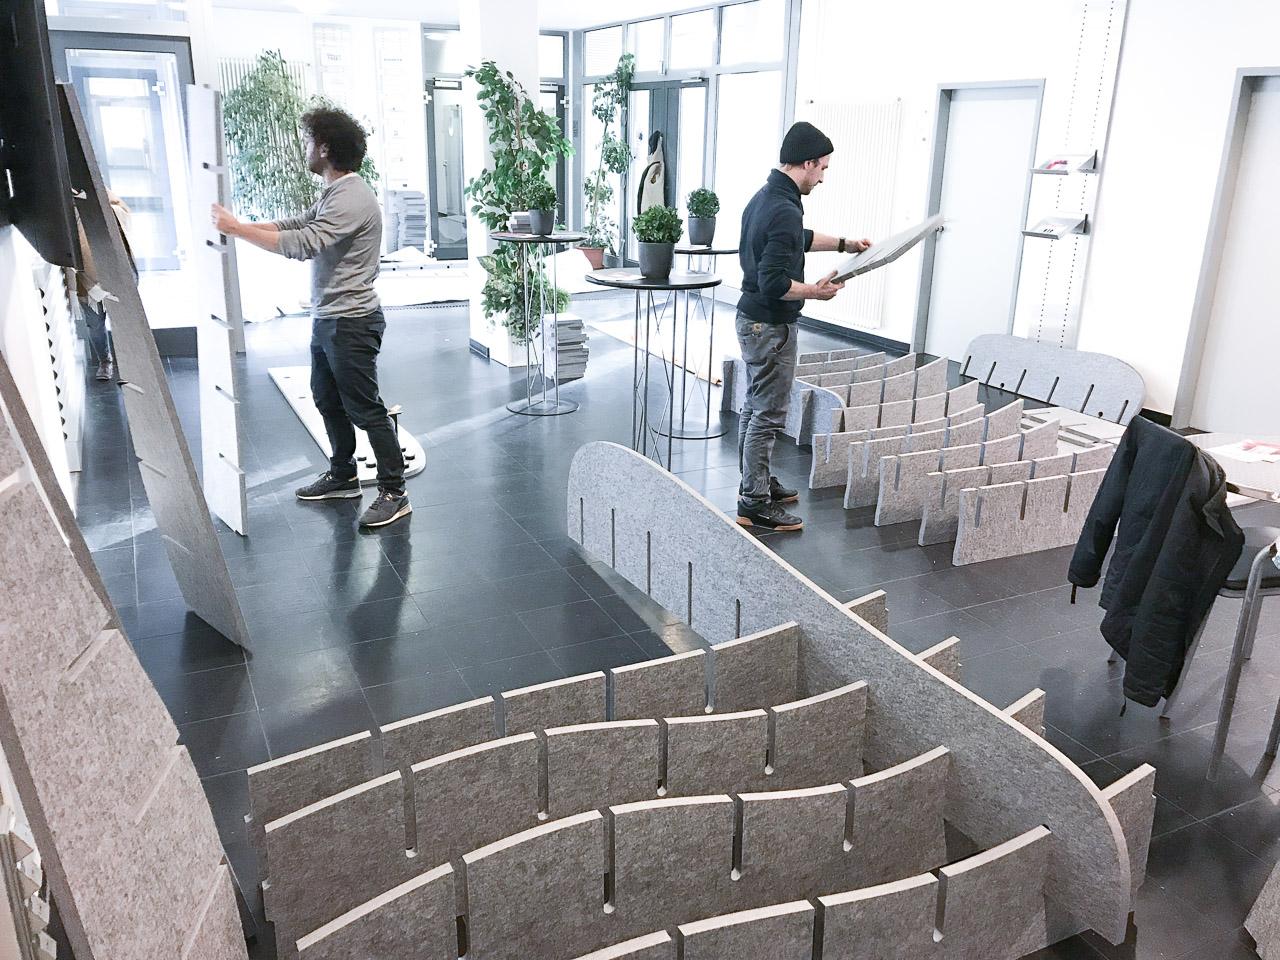 Zwei Personen bauen Akustikmöbel von AkustikKompetenz in einem Foyer oder Eingangsbereich auf.